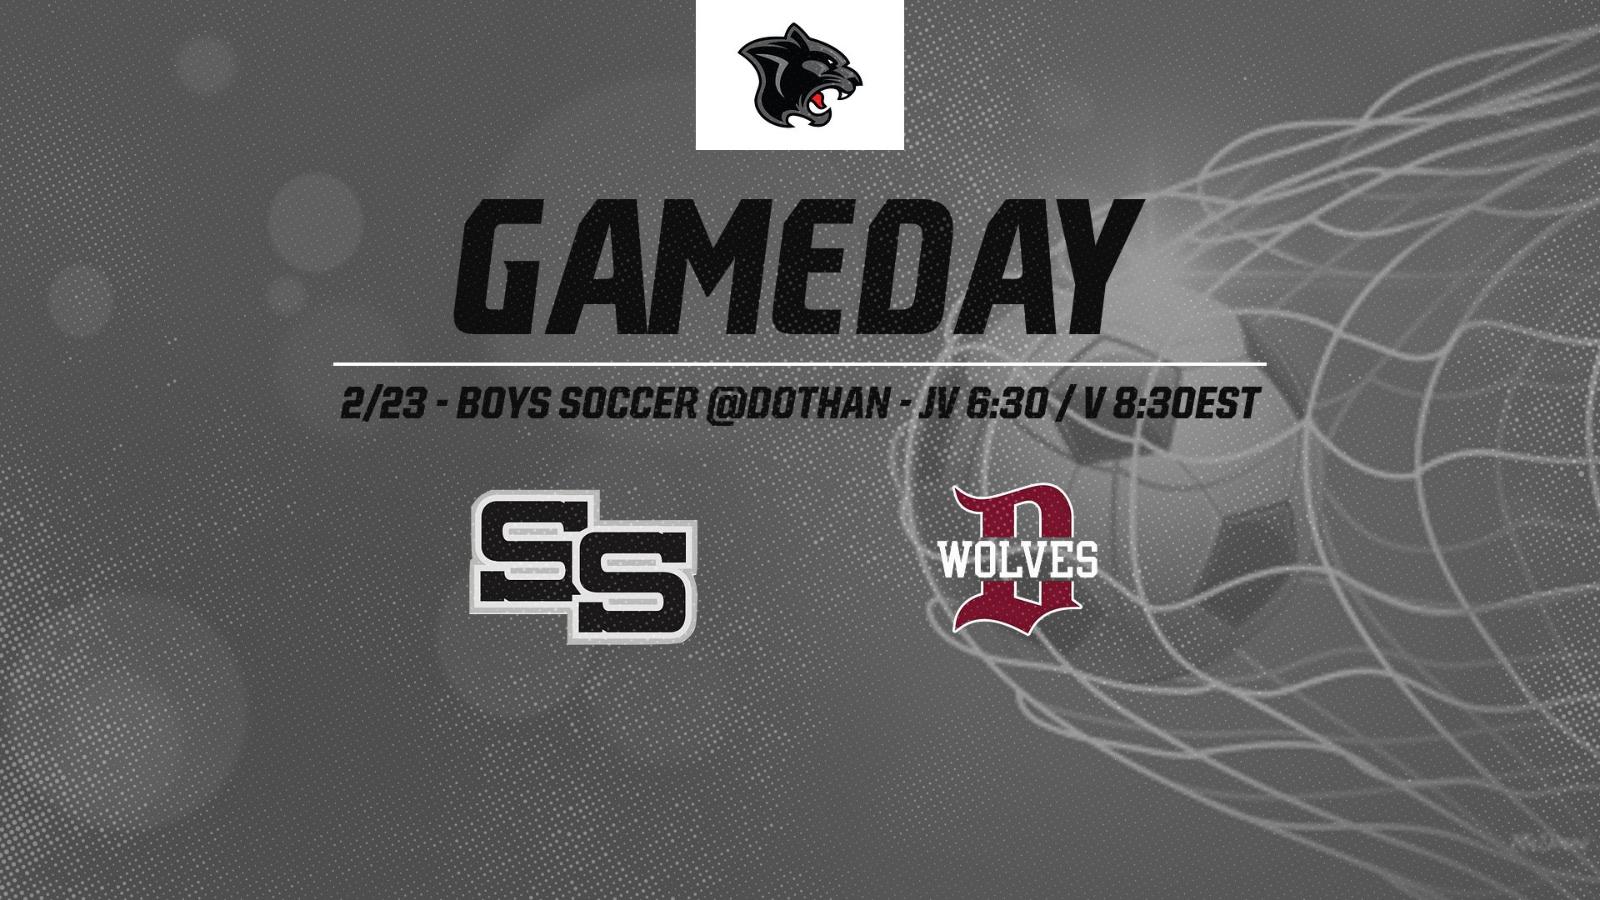 Gameday!! Varsity and JV Boys Soccer @Dothan